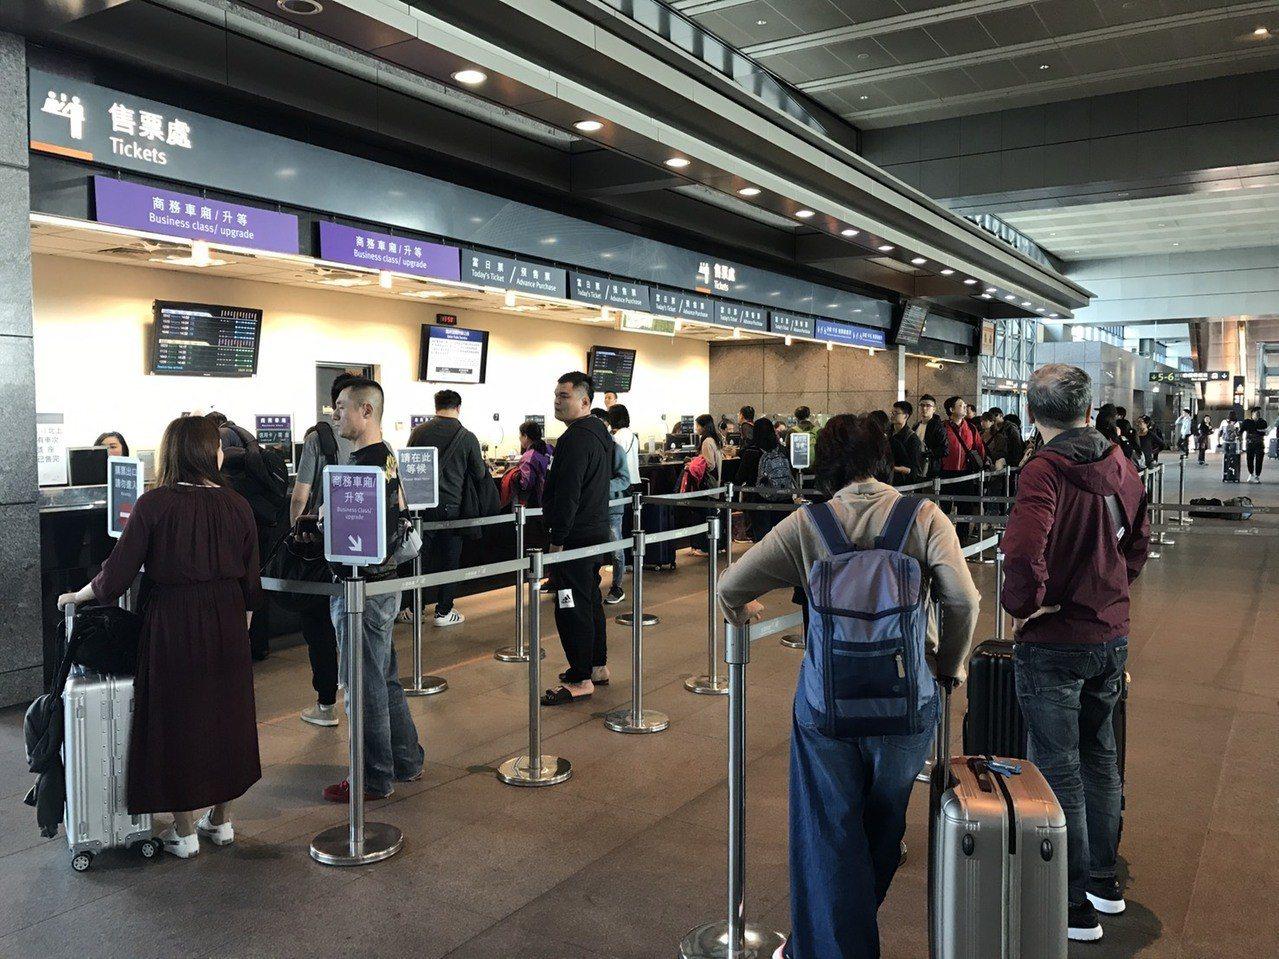 台灣高鐵旅運人次即將跨越5億大關。聯合報系資料照